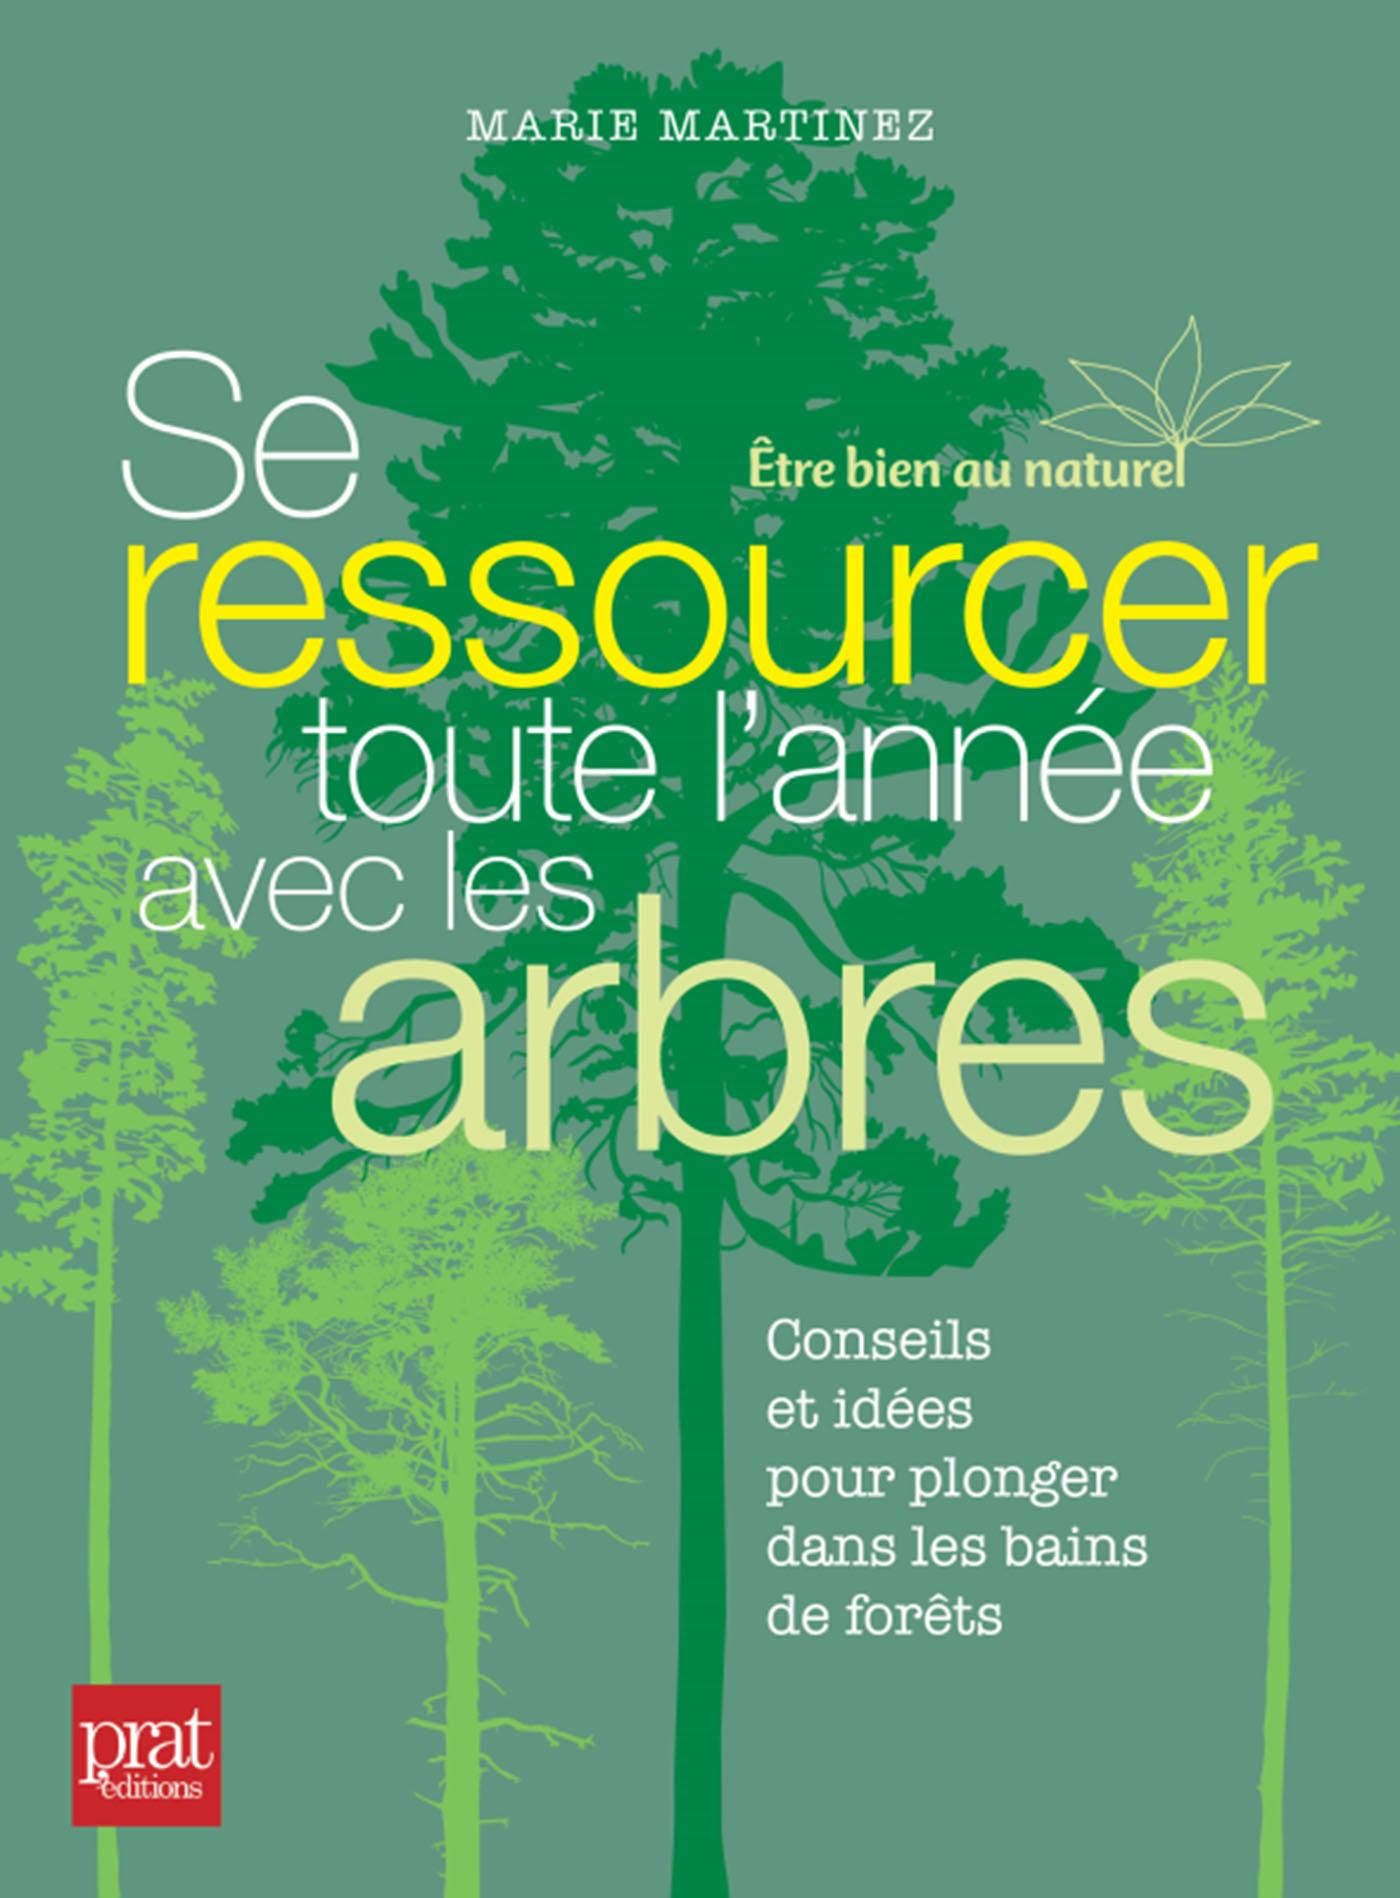 SE RESSOURCER TOUTE L'ANNEE AVEC LES ARBRES - CONSEILS ET IDEES POUR PLONGER DANS LES BAINS DE FORET